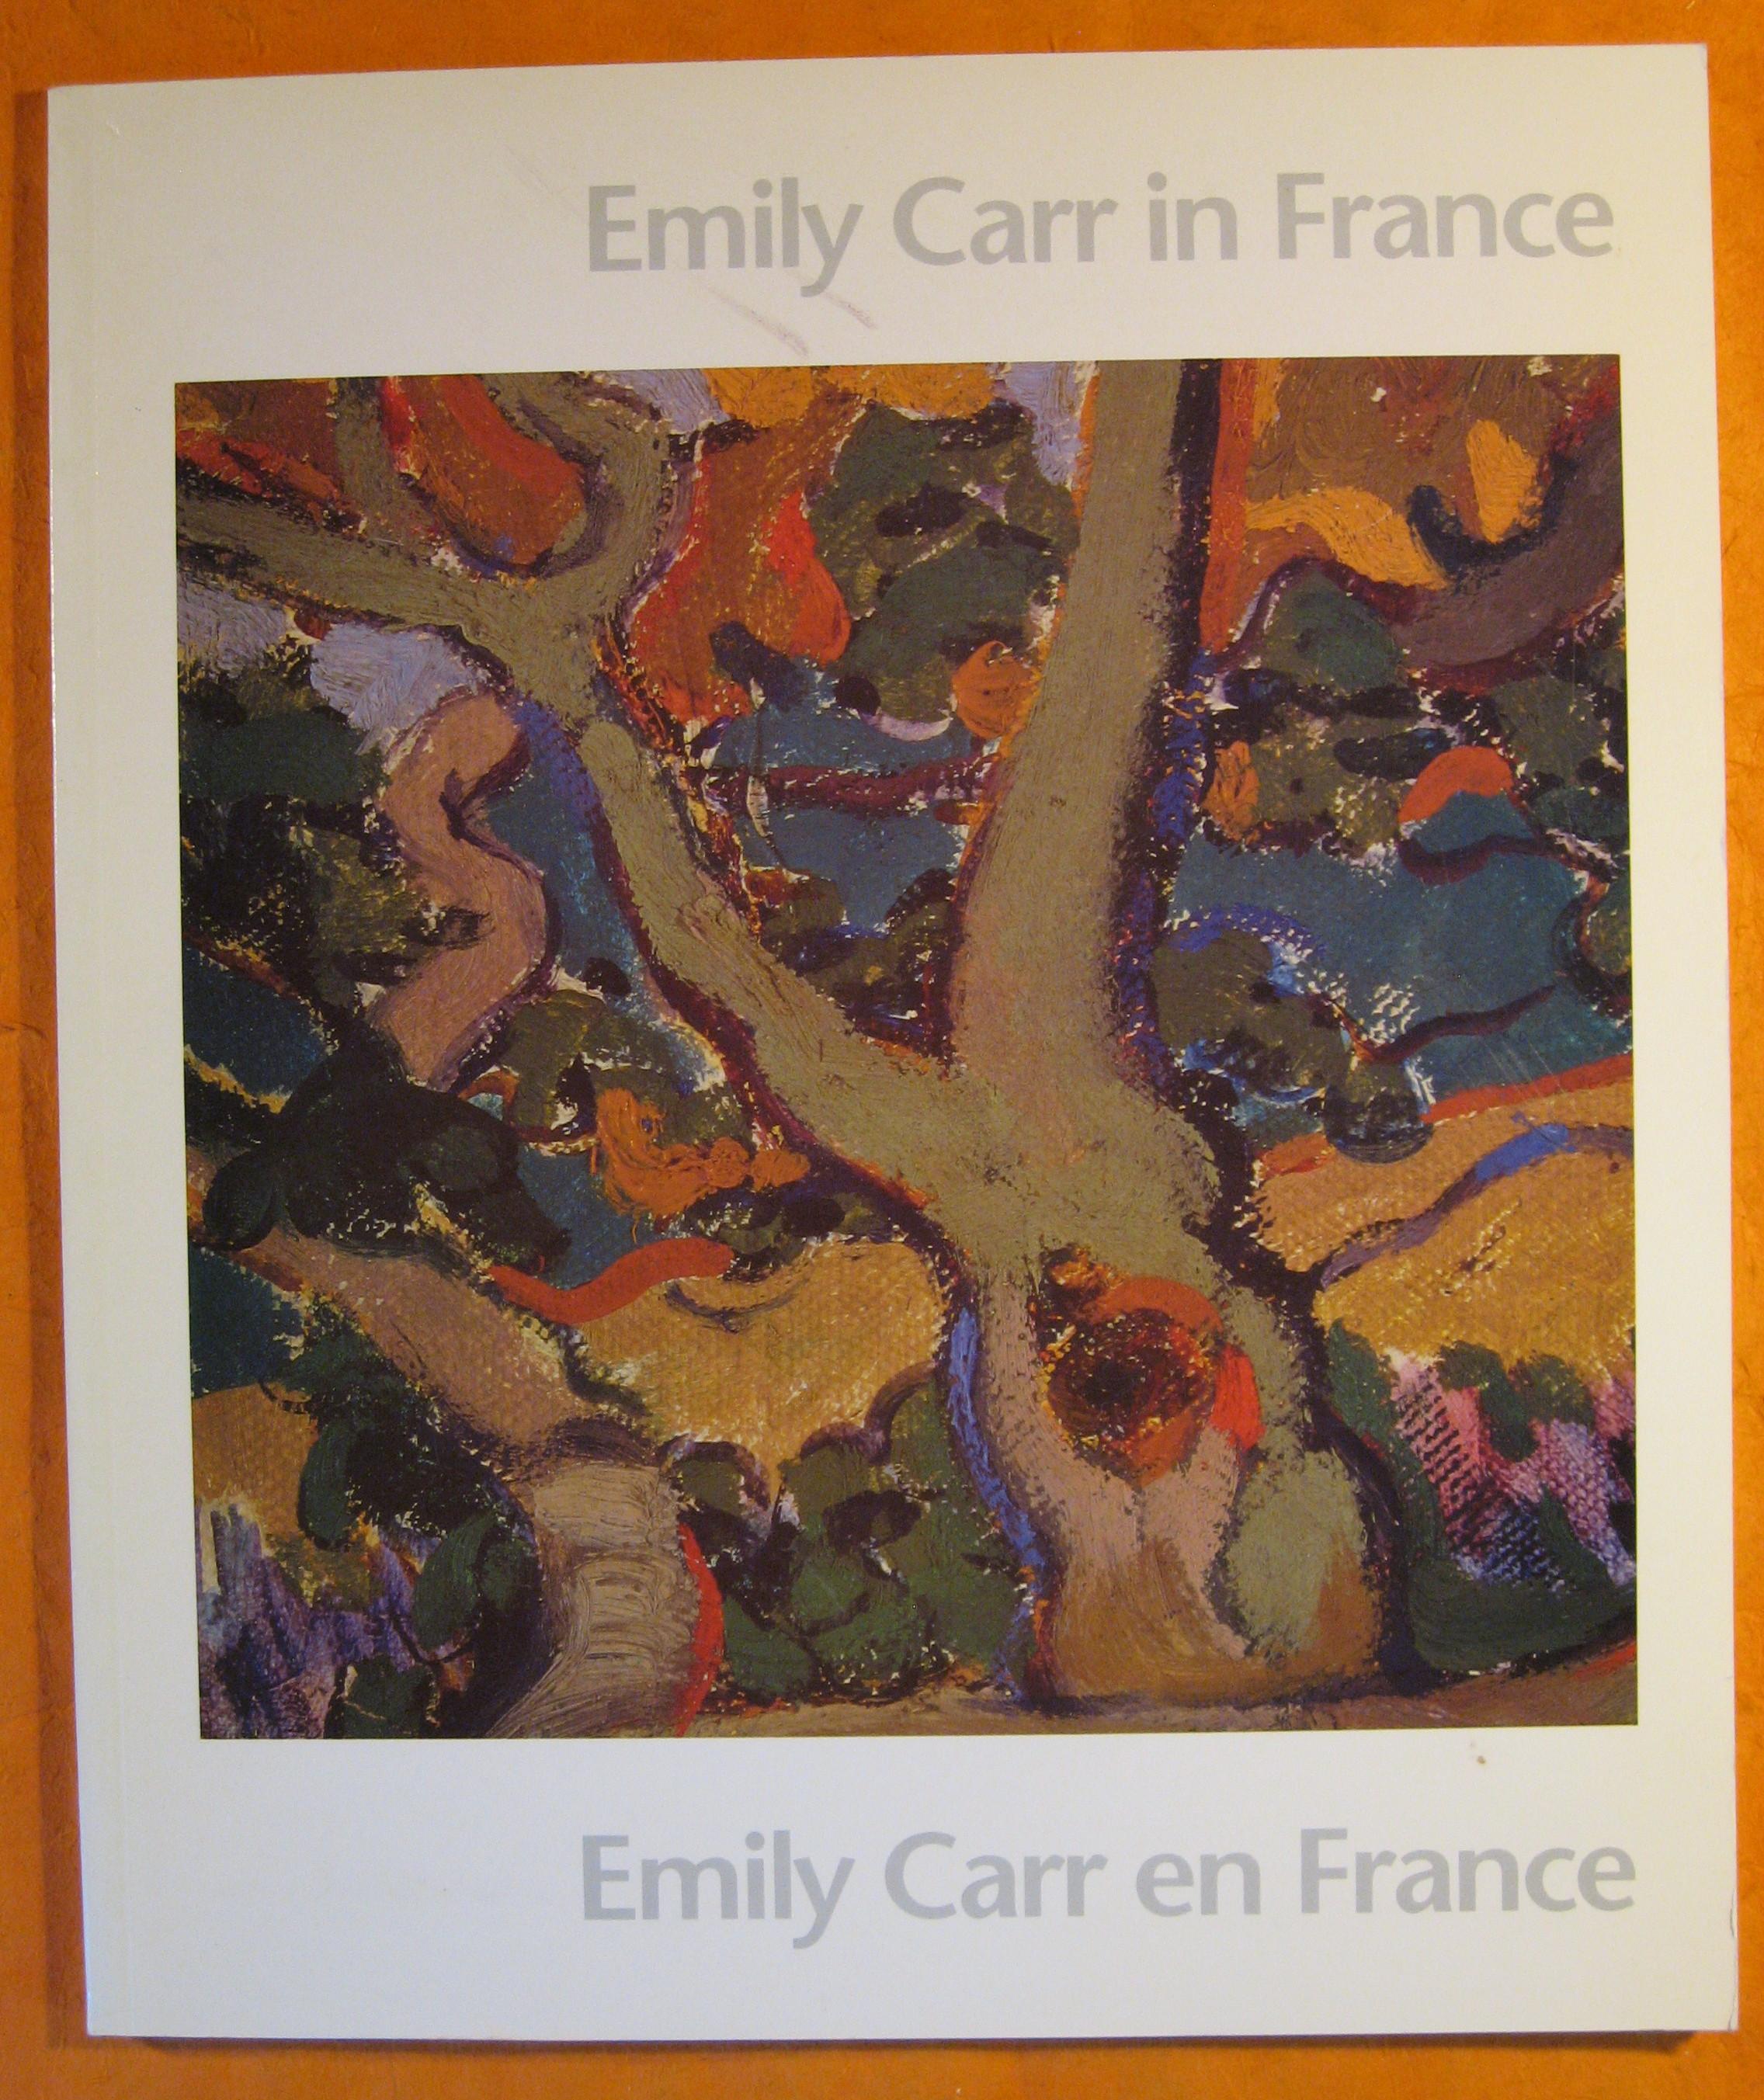 Image for Emily Carr in France: Emily Carr En France